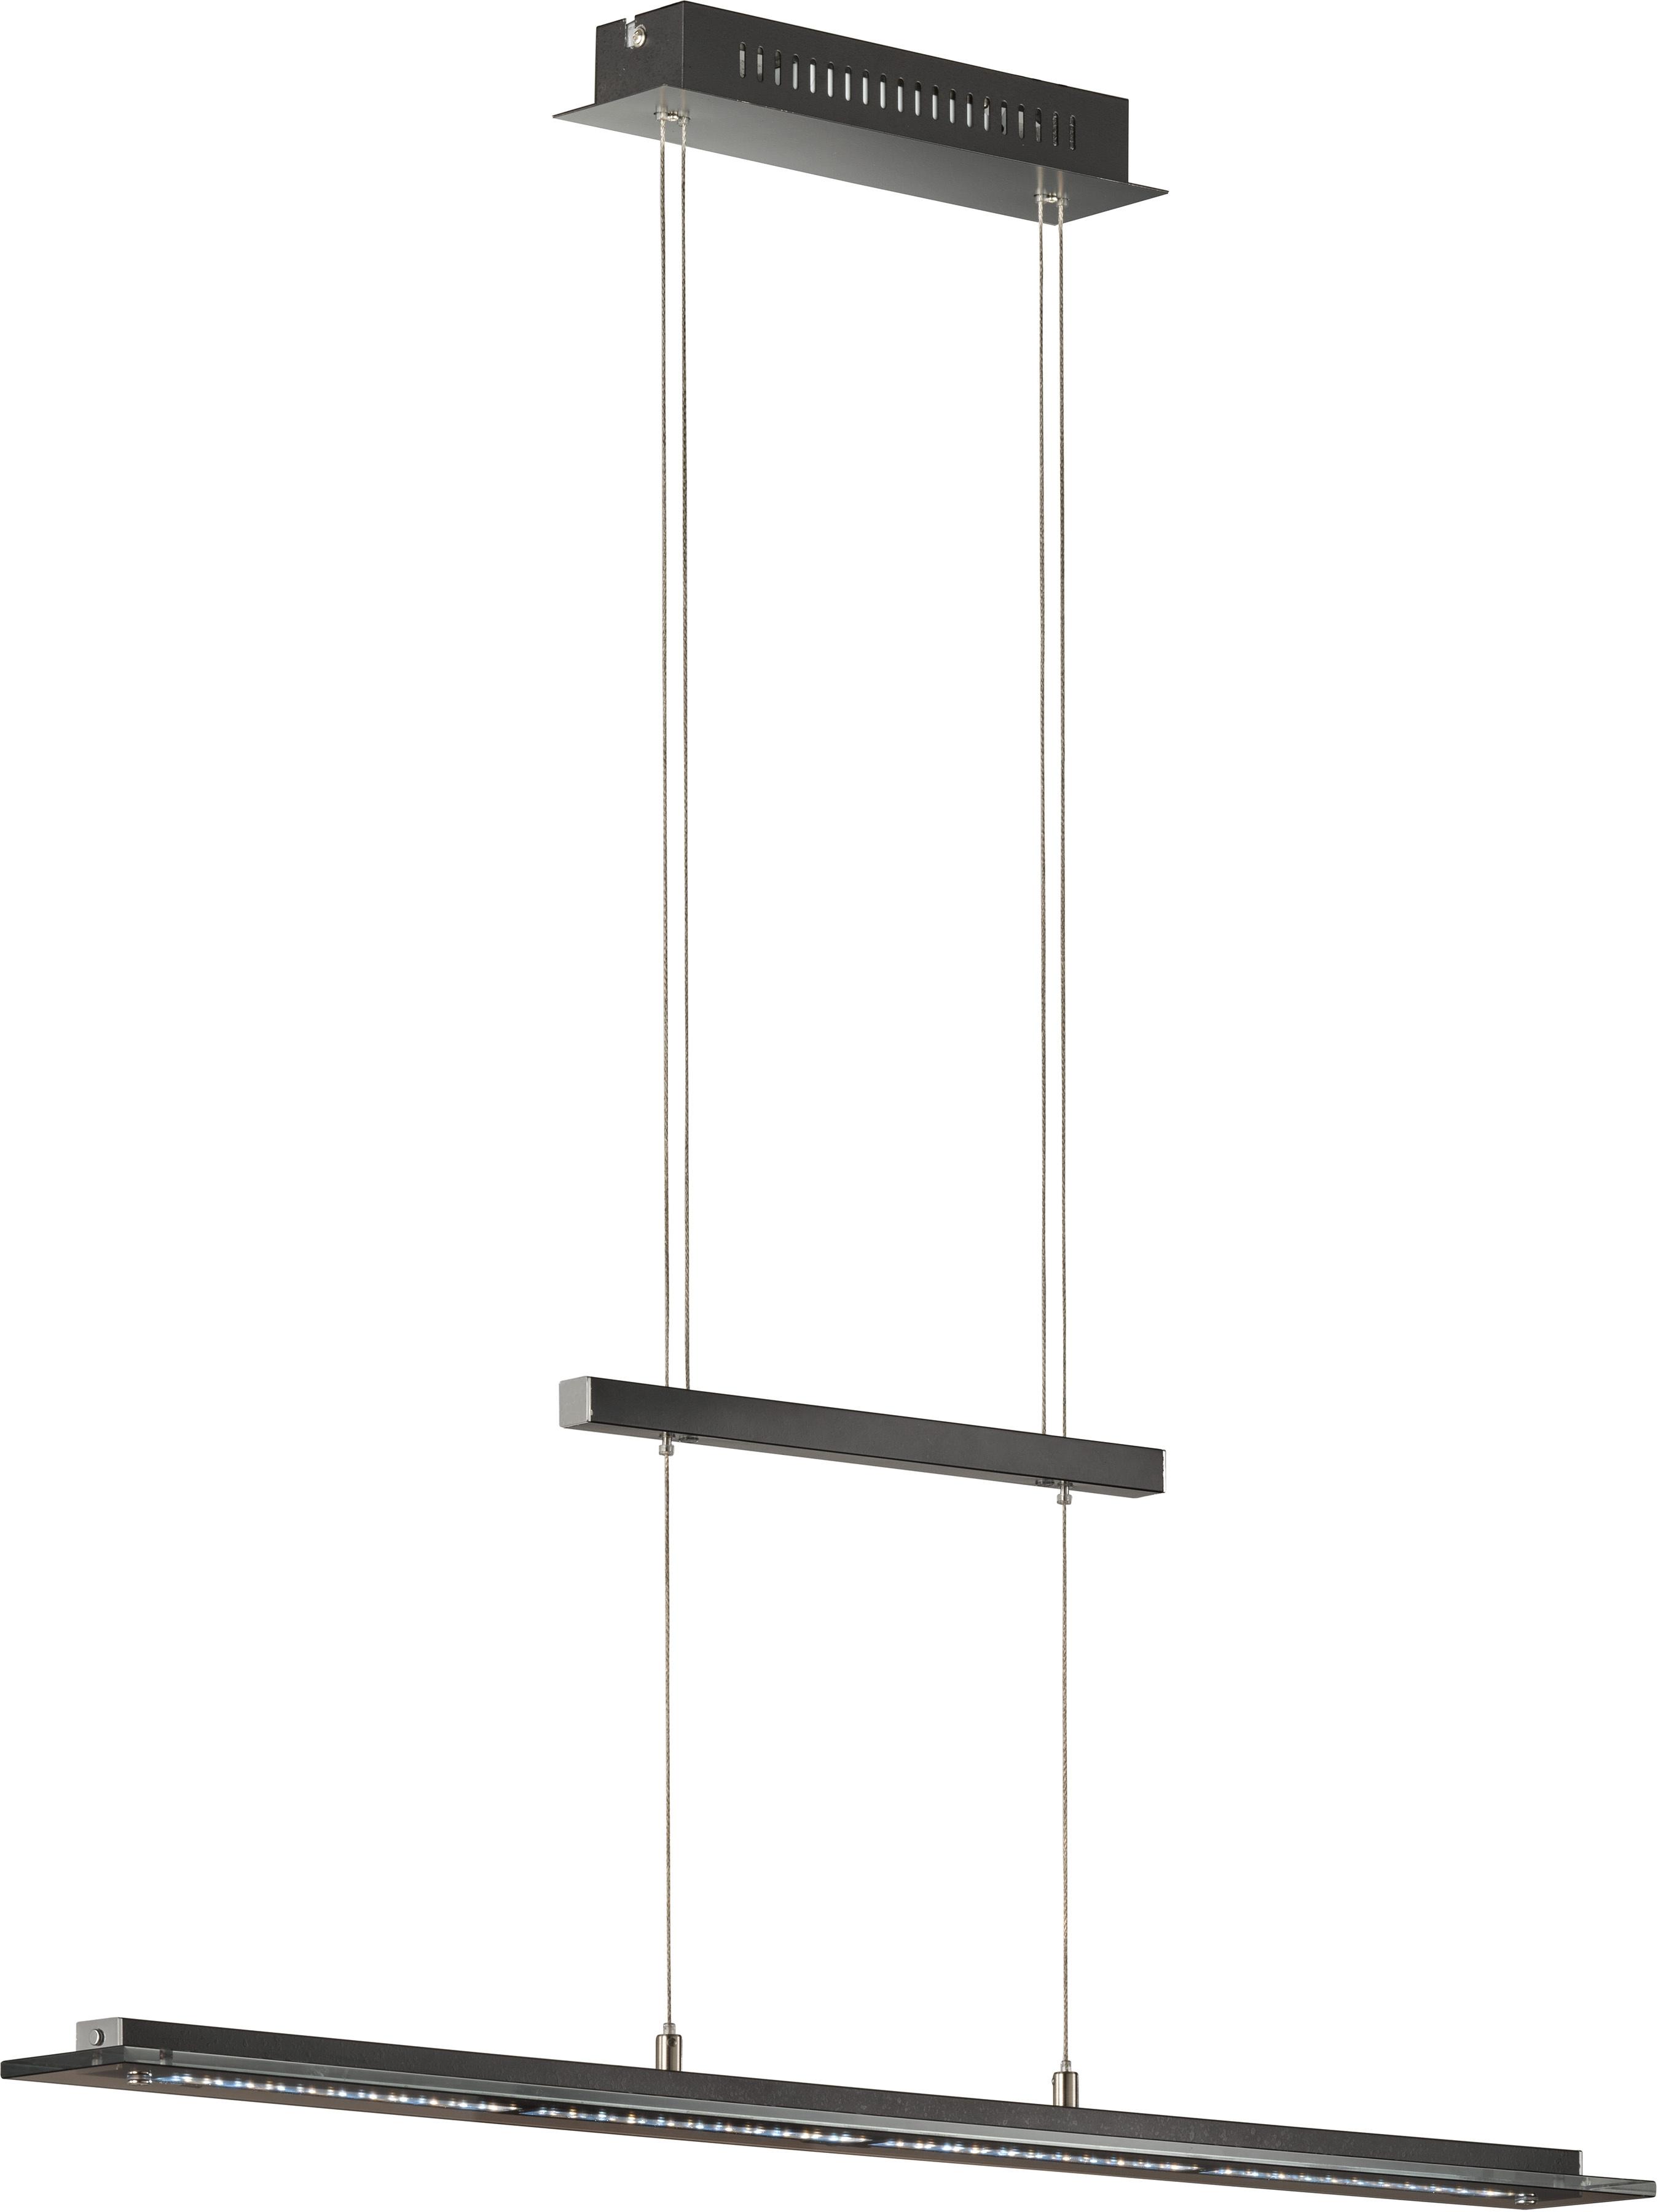 FISCHER & HONSEL LED-Hängeleuchte Tenso TW, LED-Board, 1 St., LED Pendelleuchte, LED Pendellampe